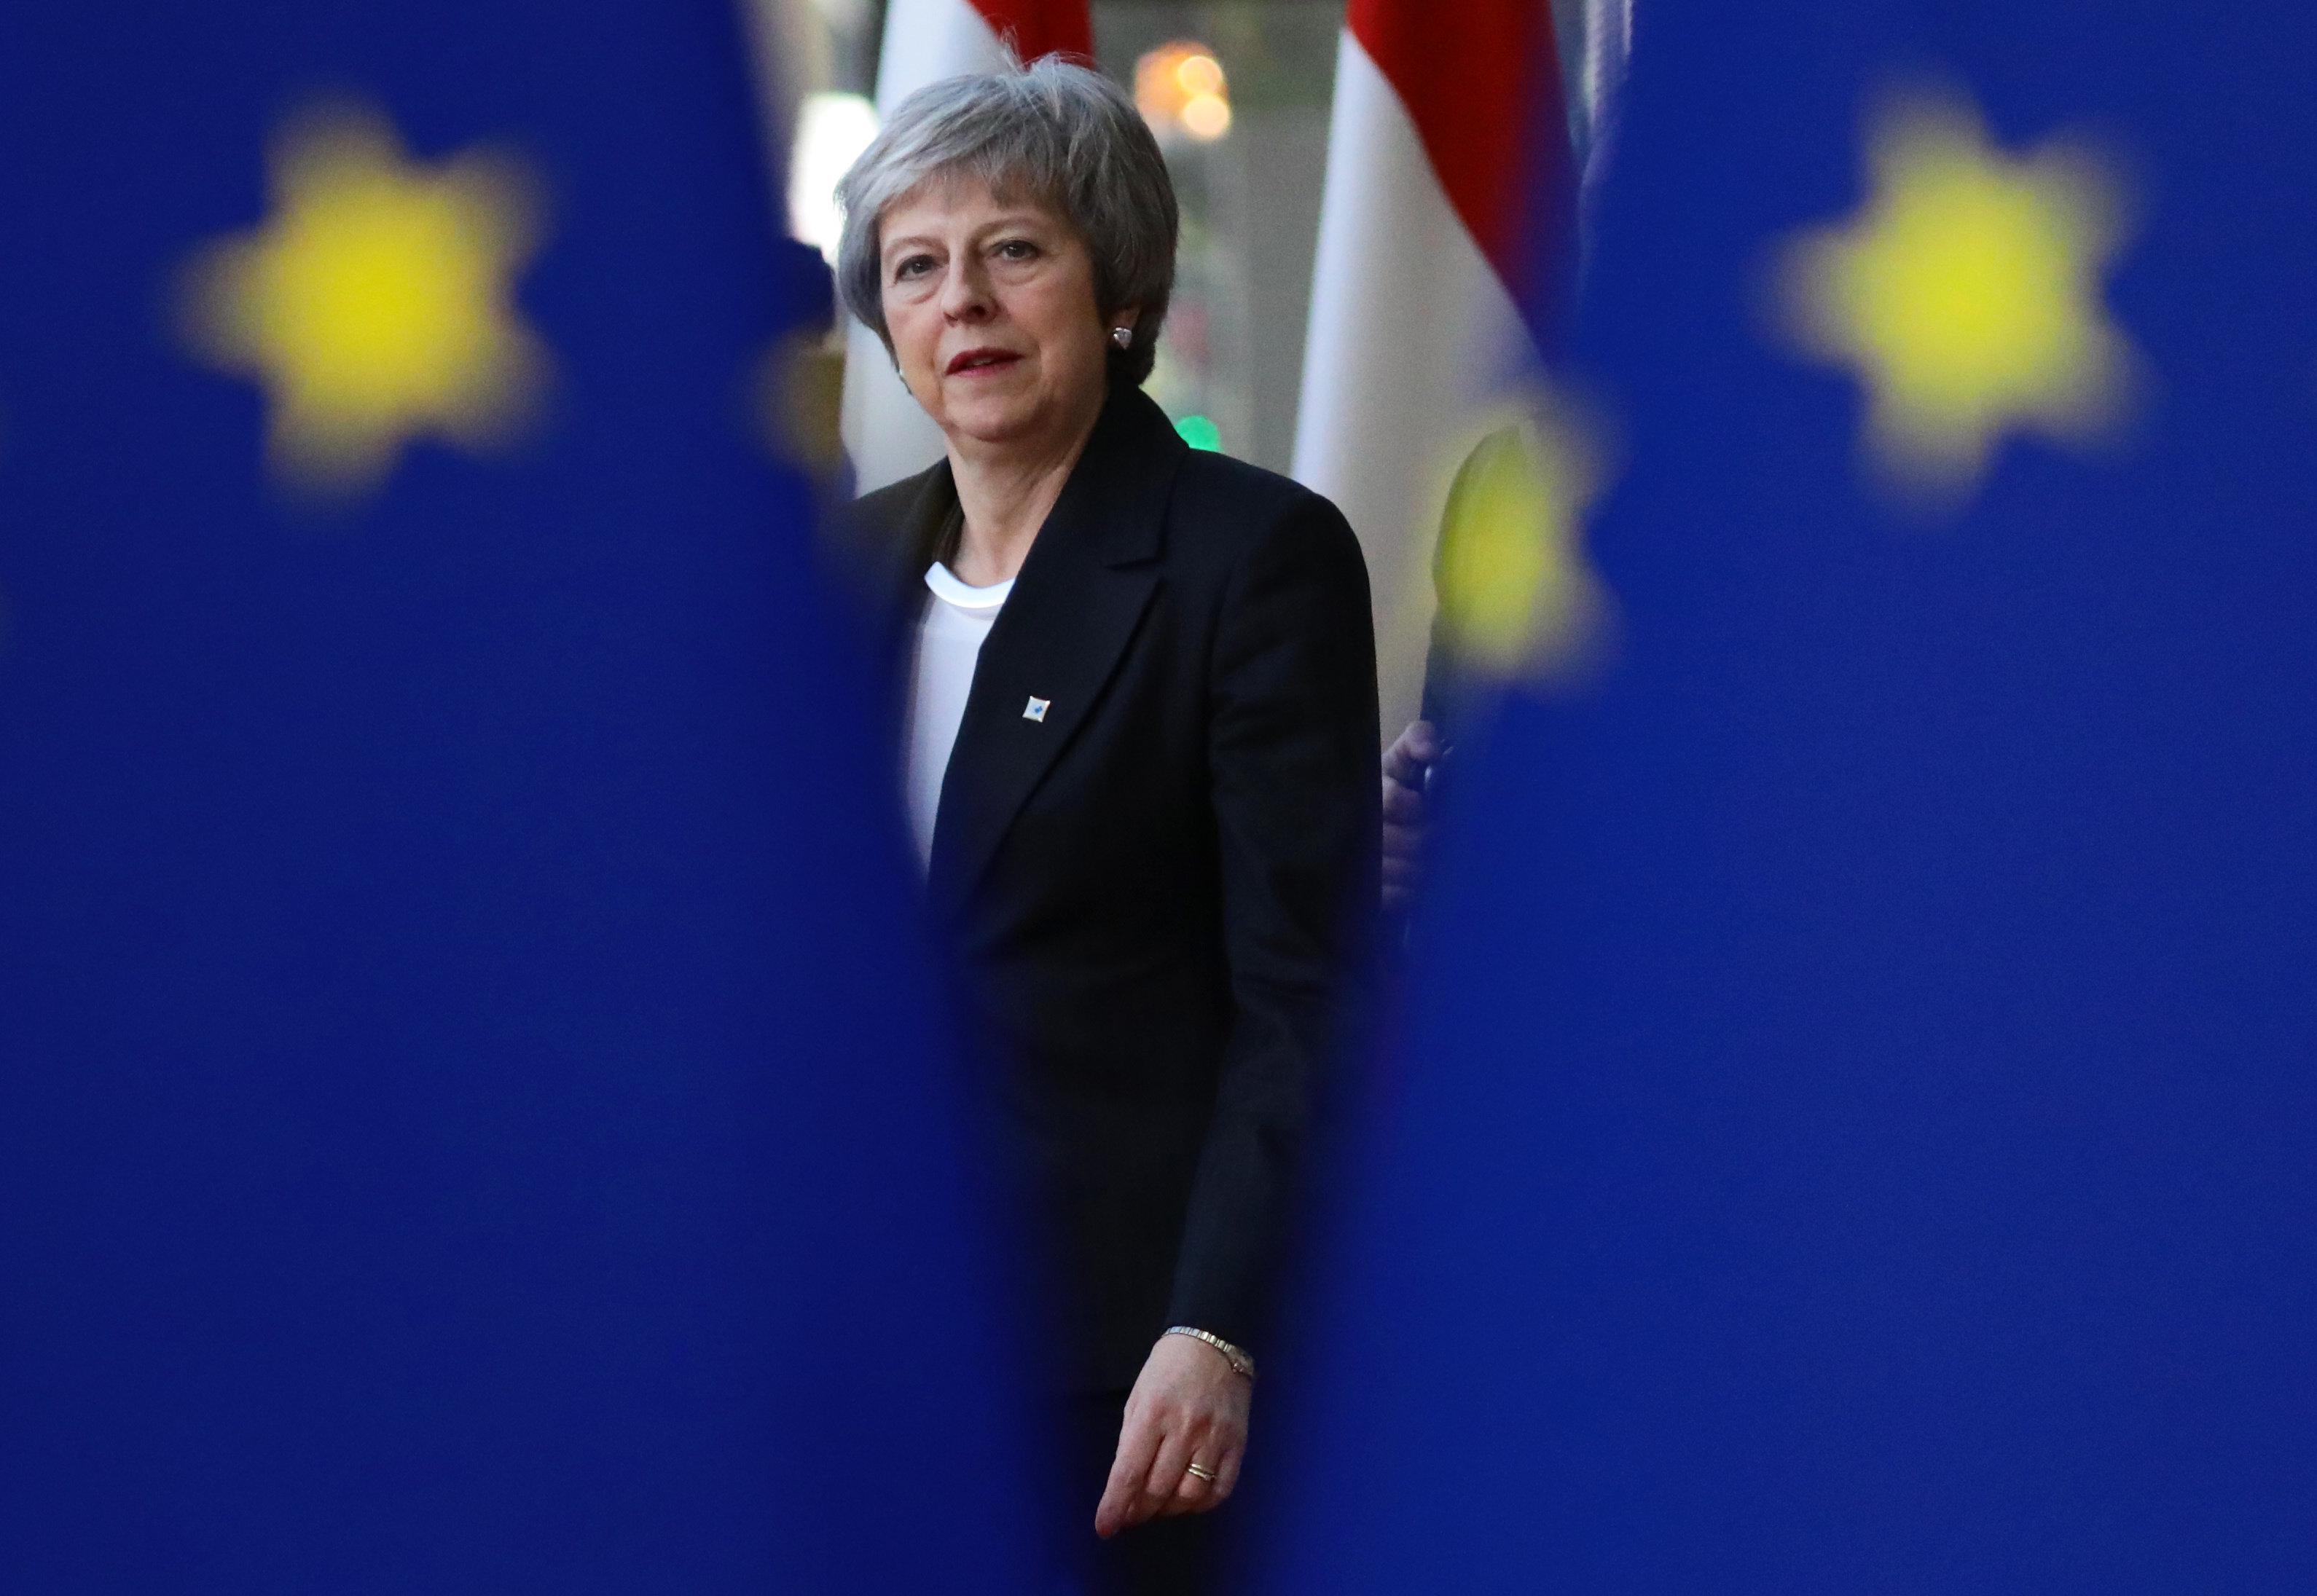 Alle streiten über den Brexit – doch May hat noch andere